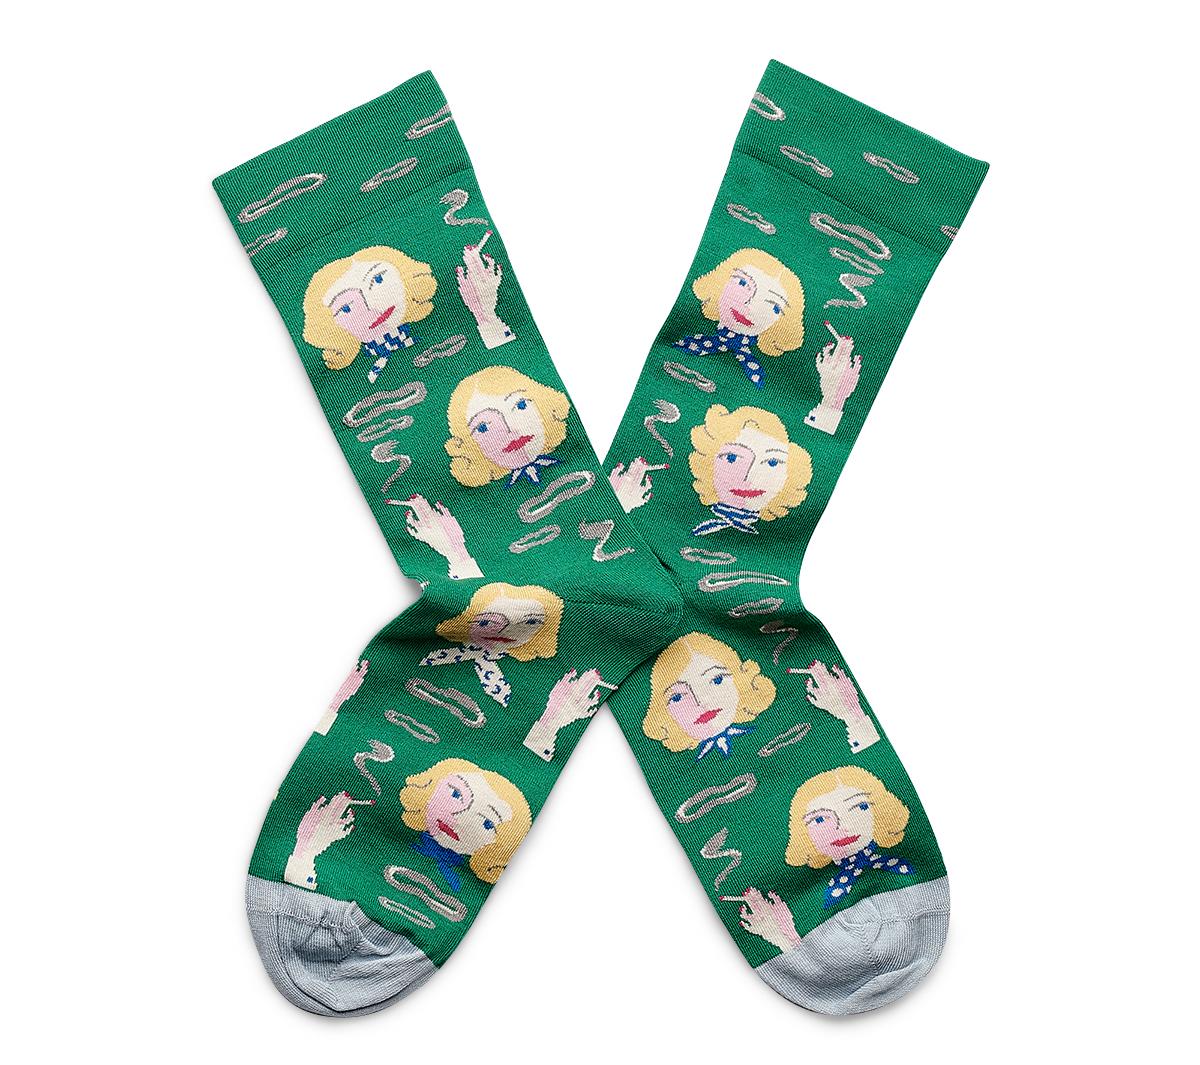 Chaussettes À Motifs Vertes Blondes Bonne Maison vNw0nOym8